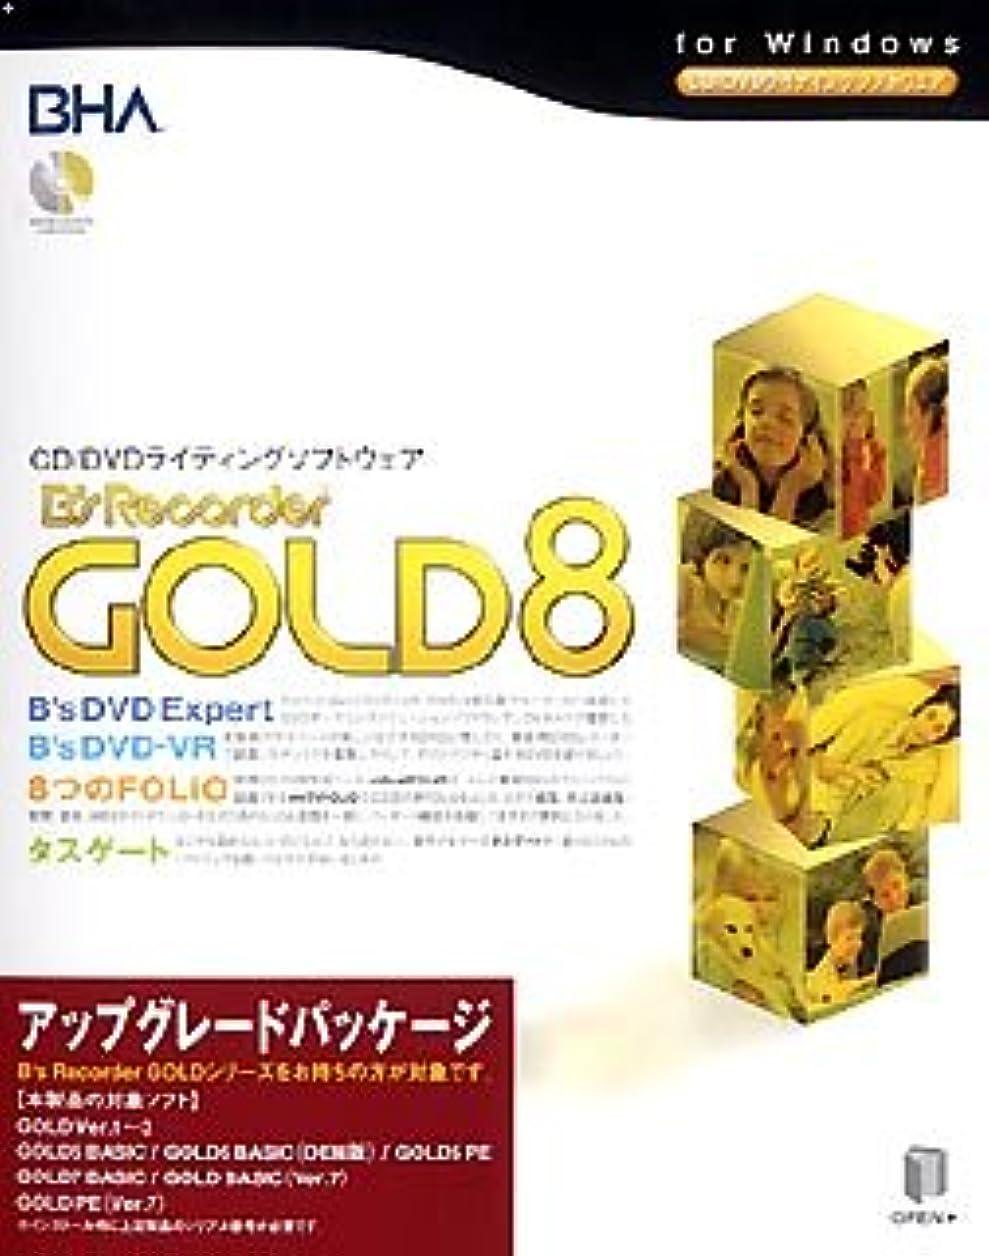 好きであるじゃないバットB's Recorder GOLD 8 アップグレードパッケージ